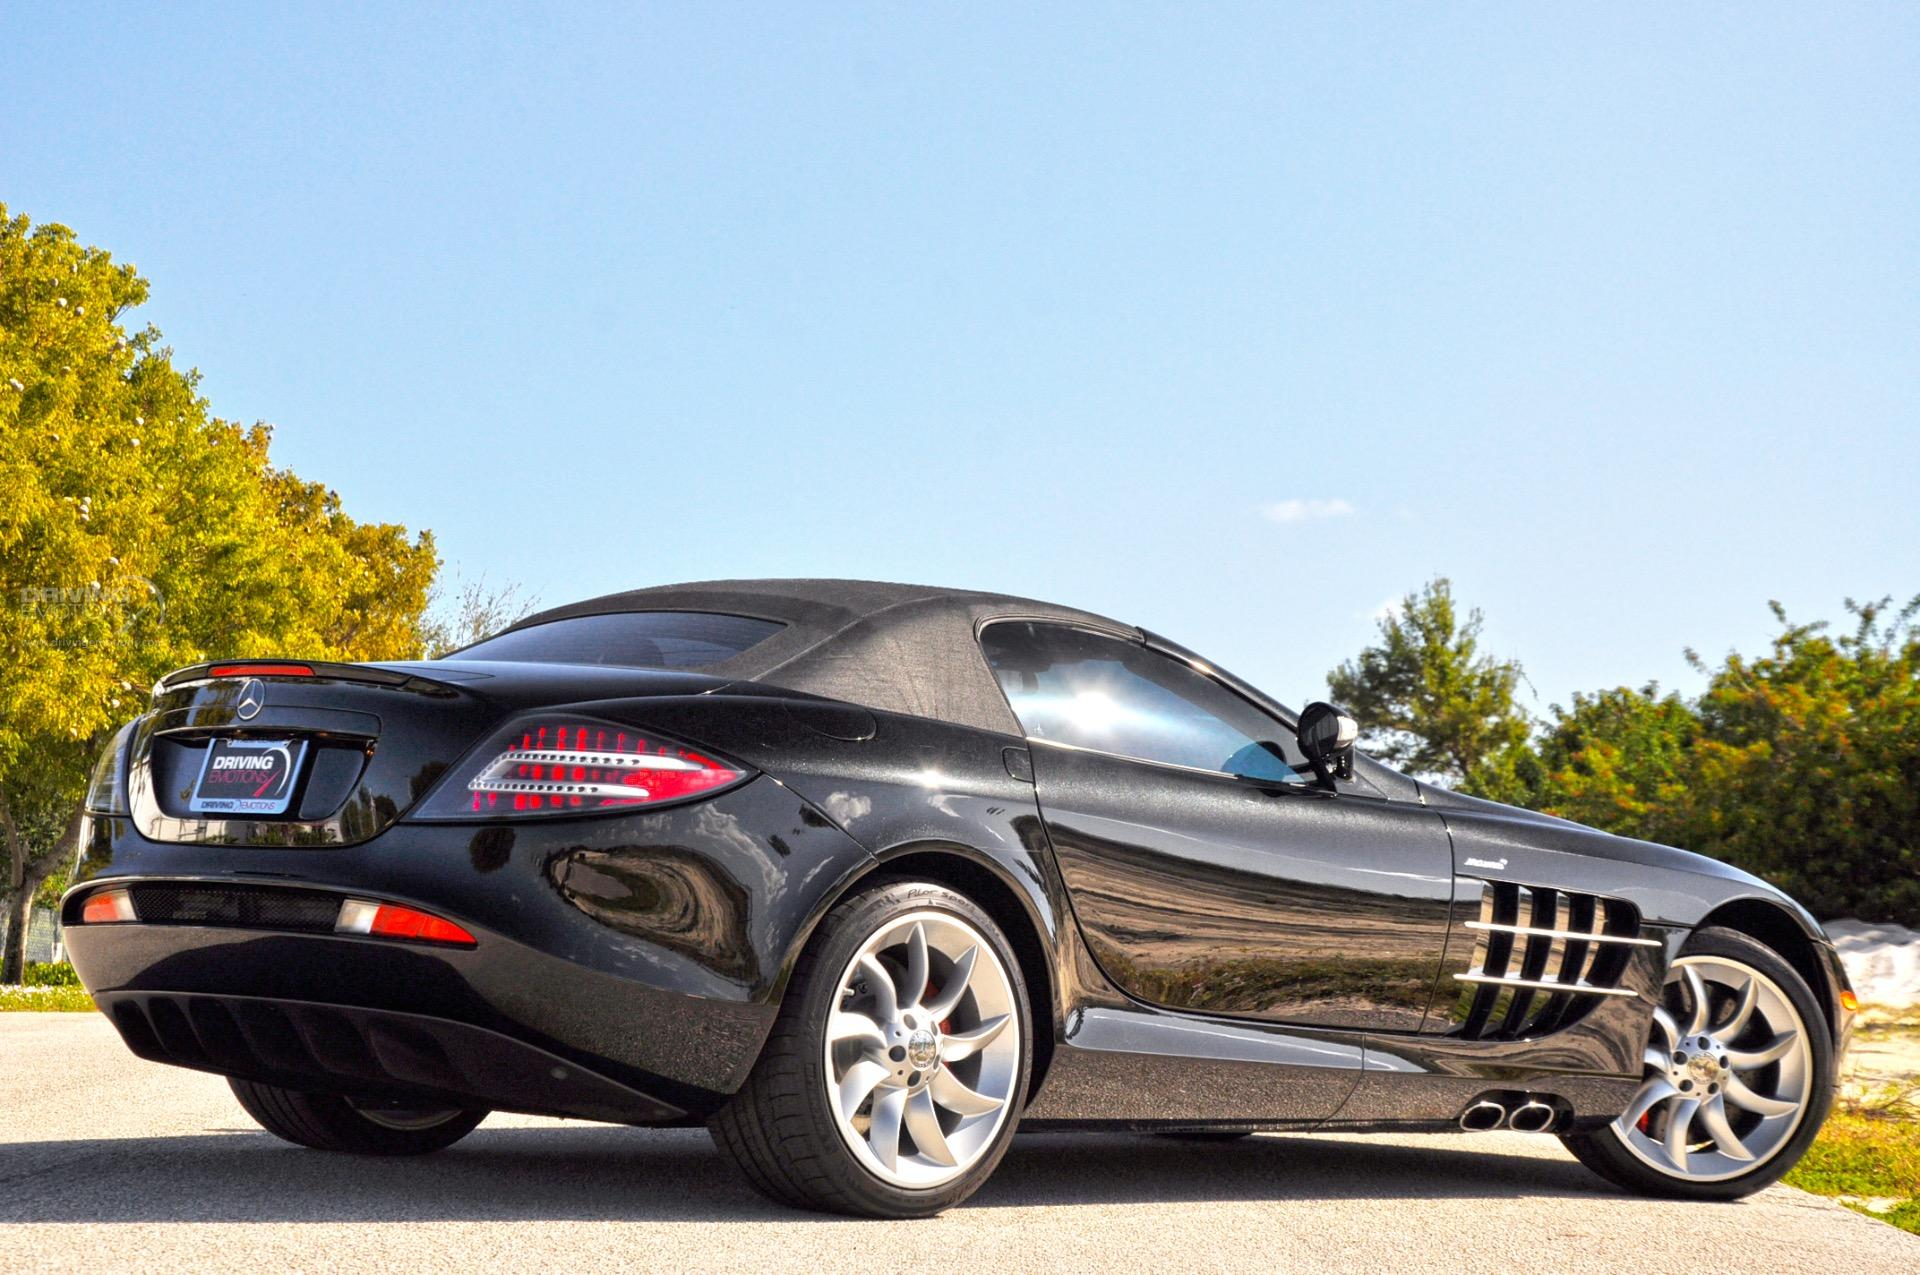 2009 mercedes benz slr mclaren roadster roadster stock for 2009 mercedes benz slr mclaren price